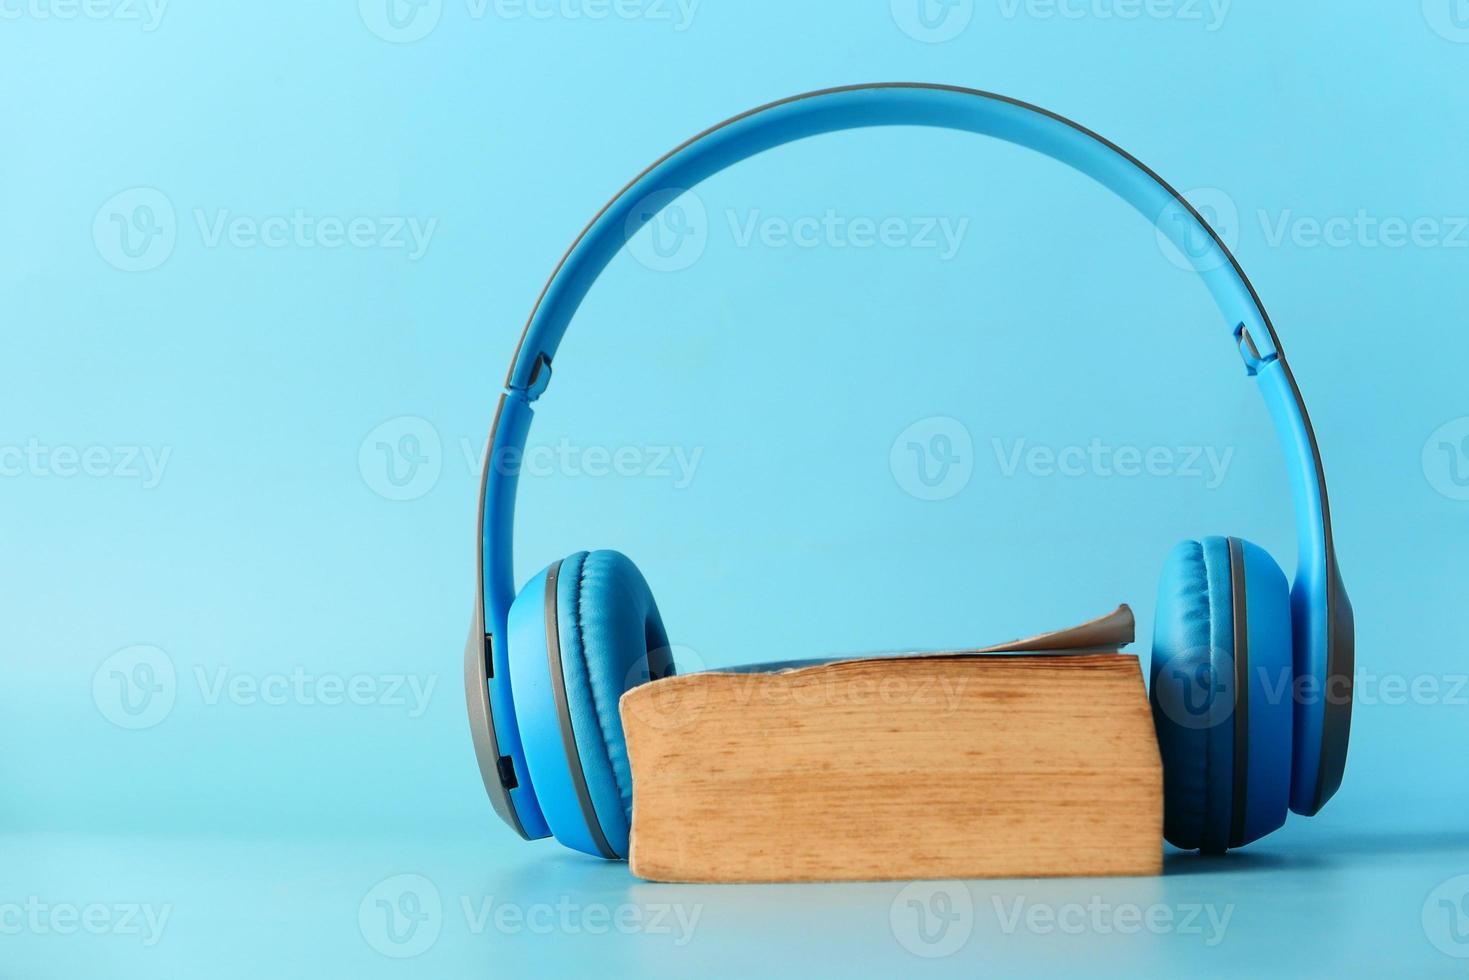 hörlurar och anteckningsblock på blå bakgrund foto